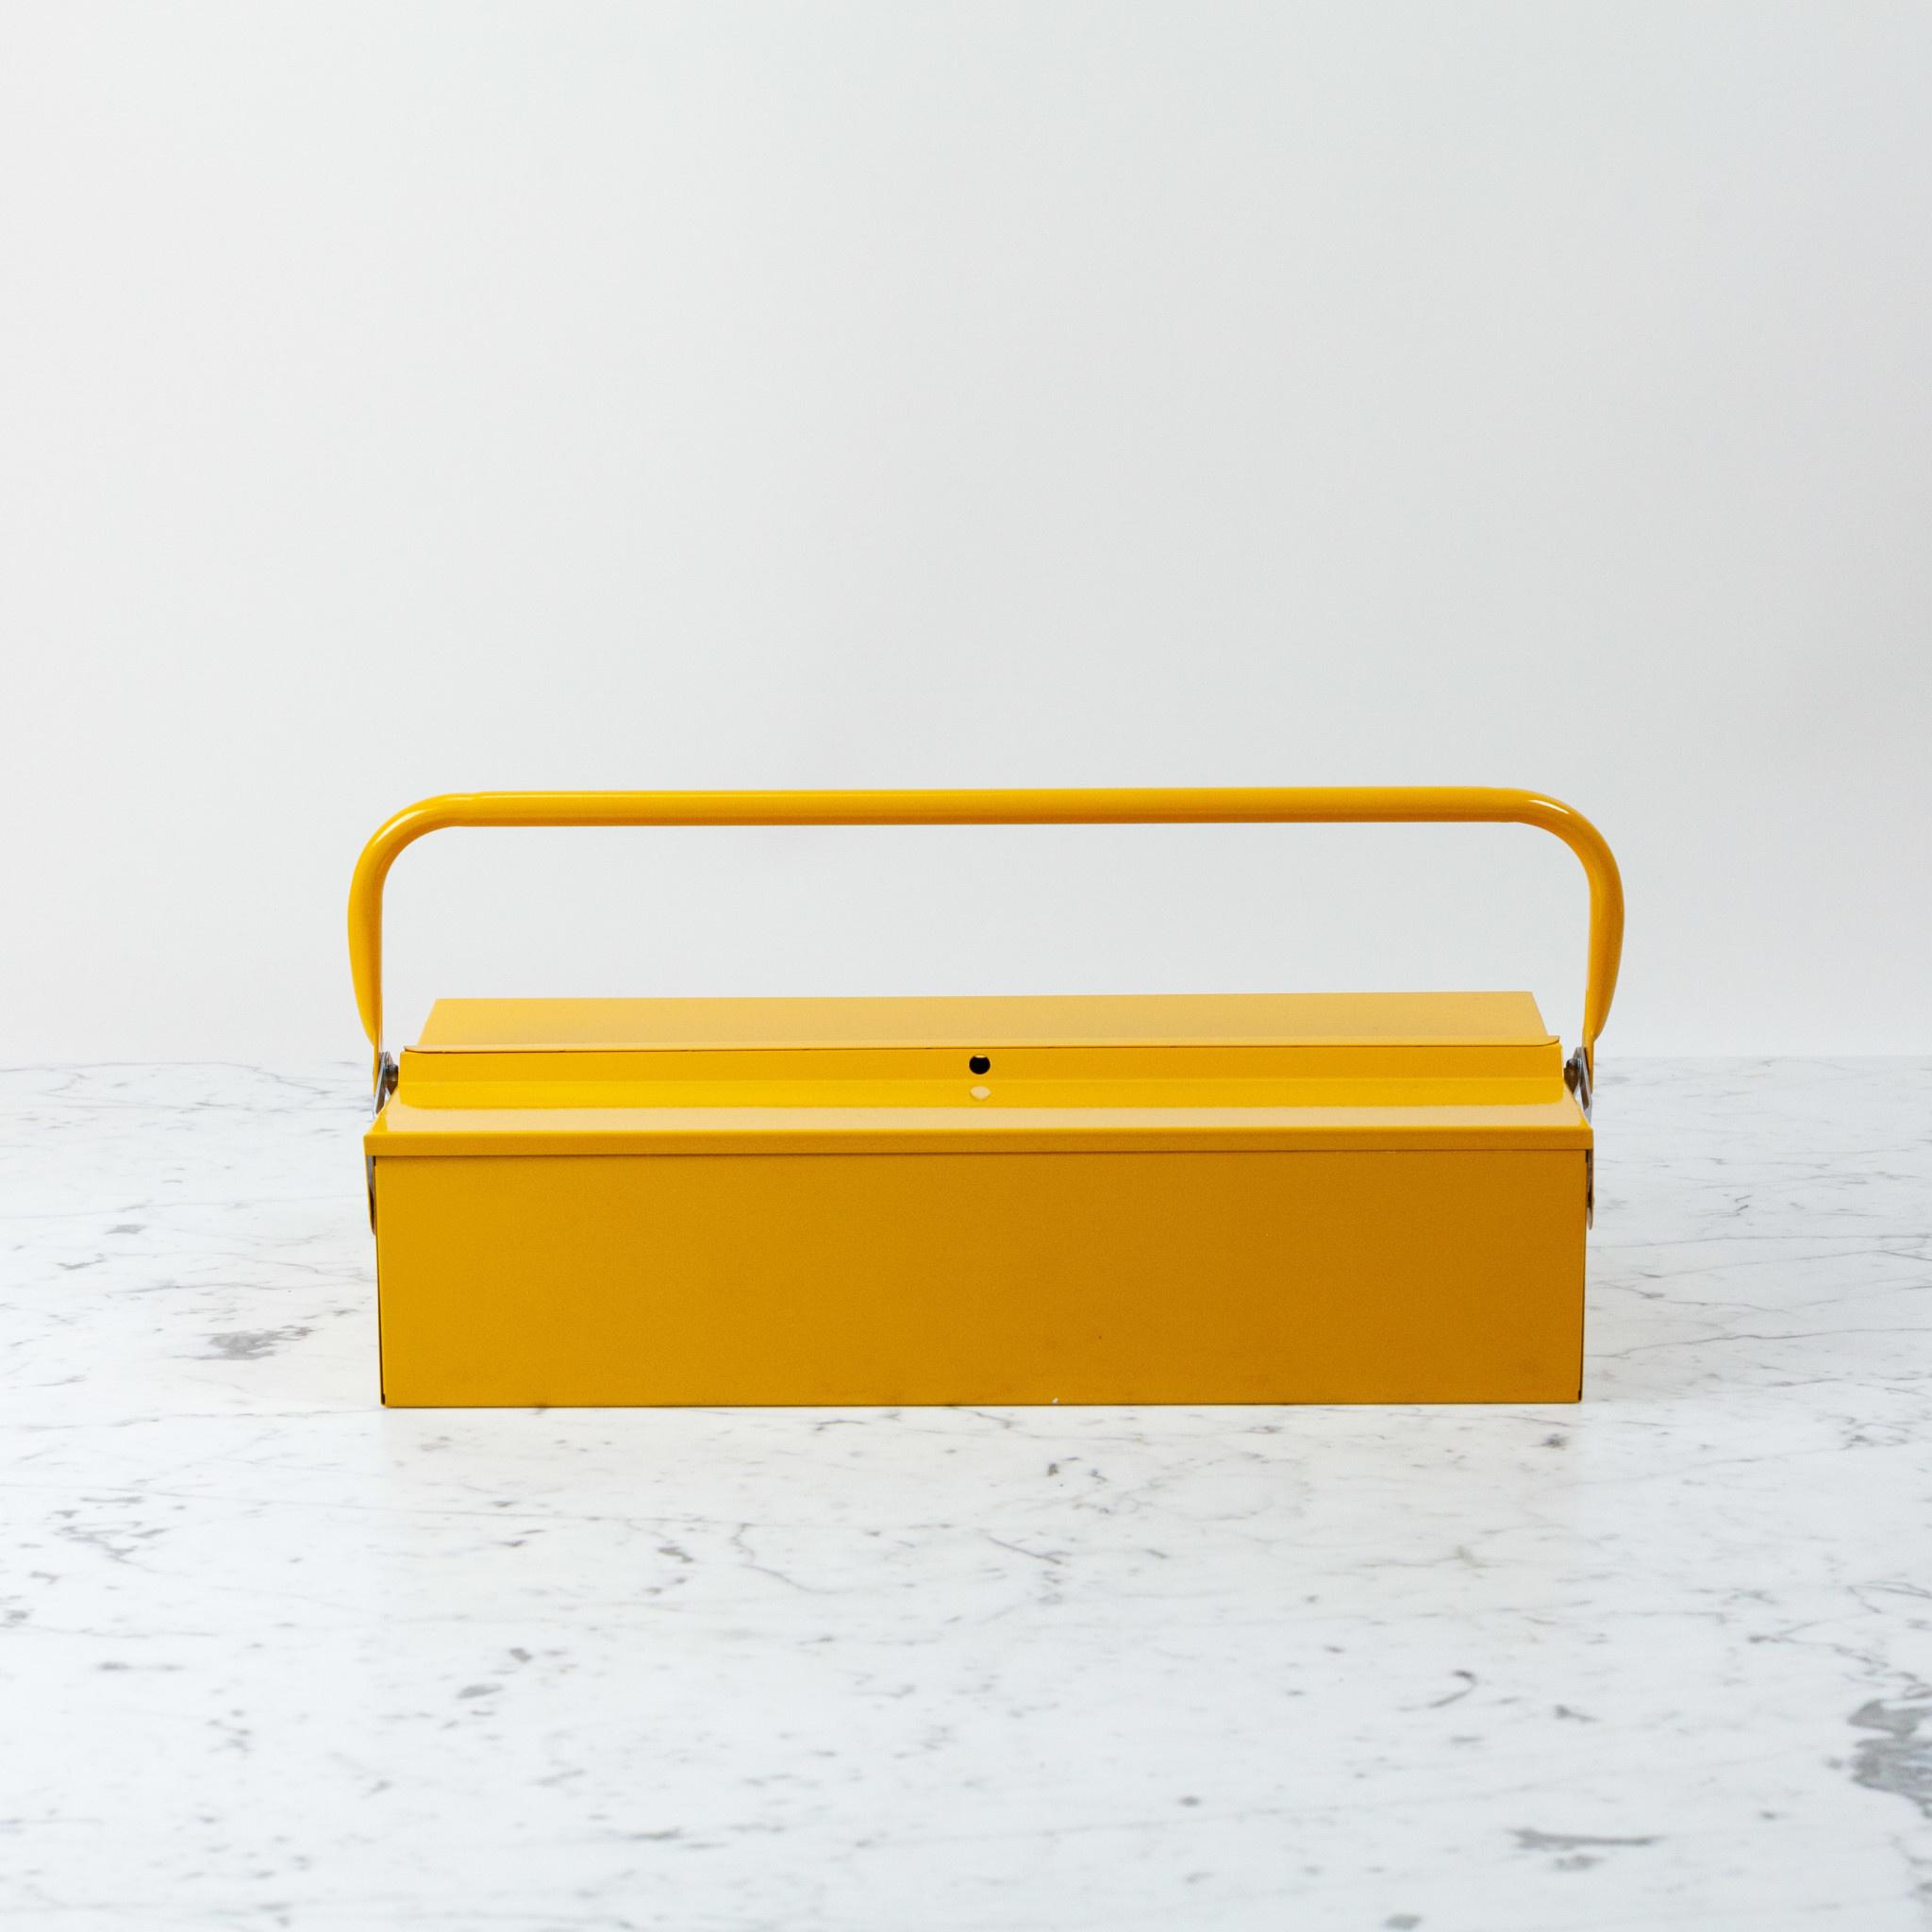 Italian Single Layer Steel Tool Box - Yellow